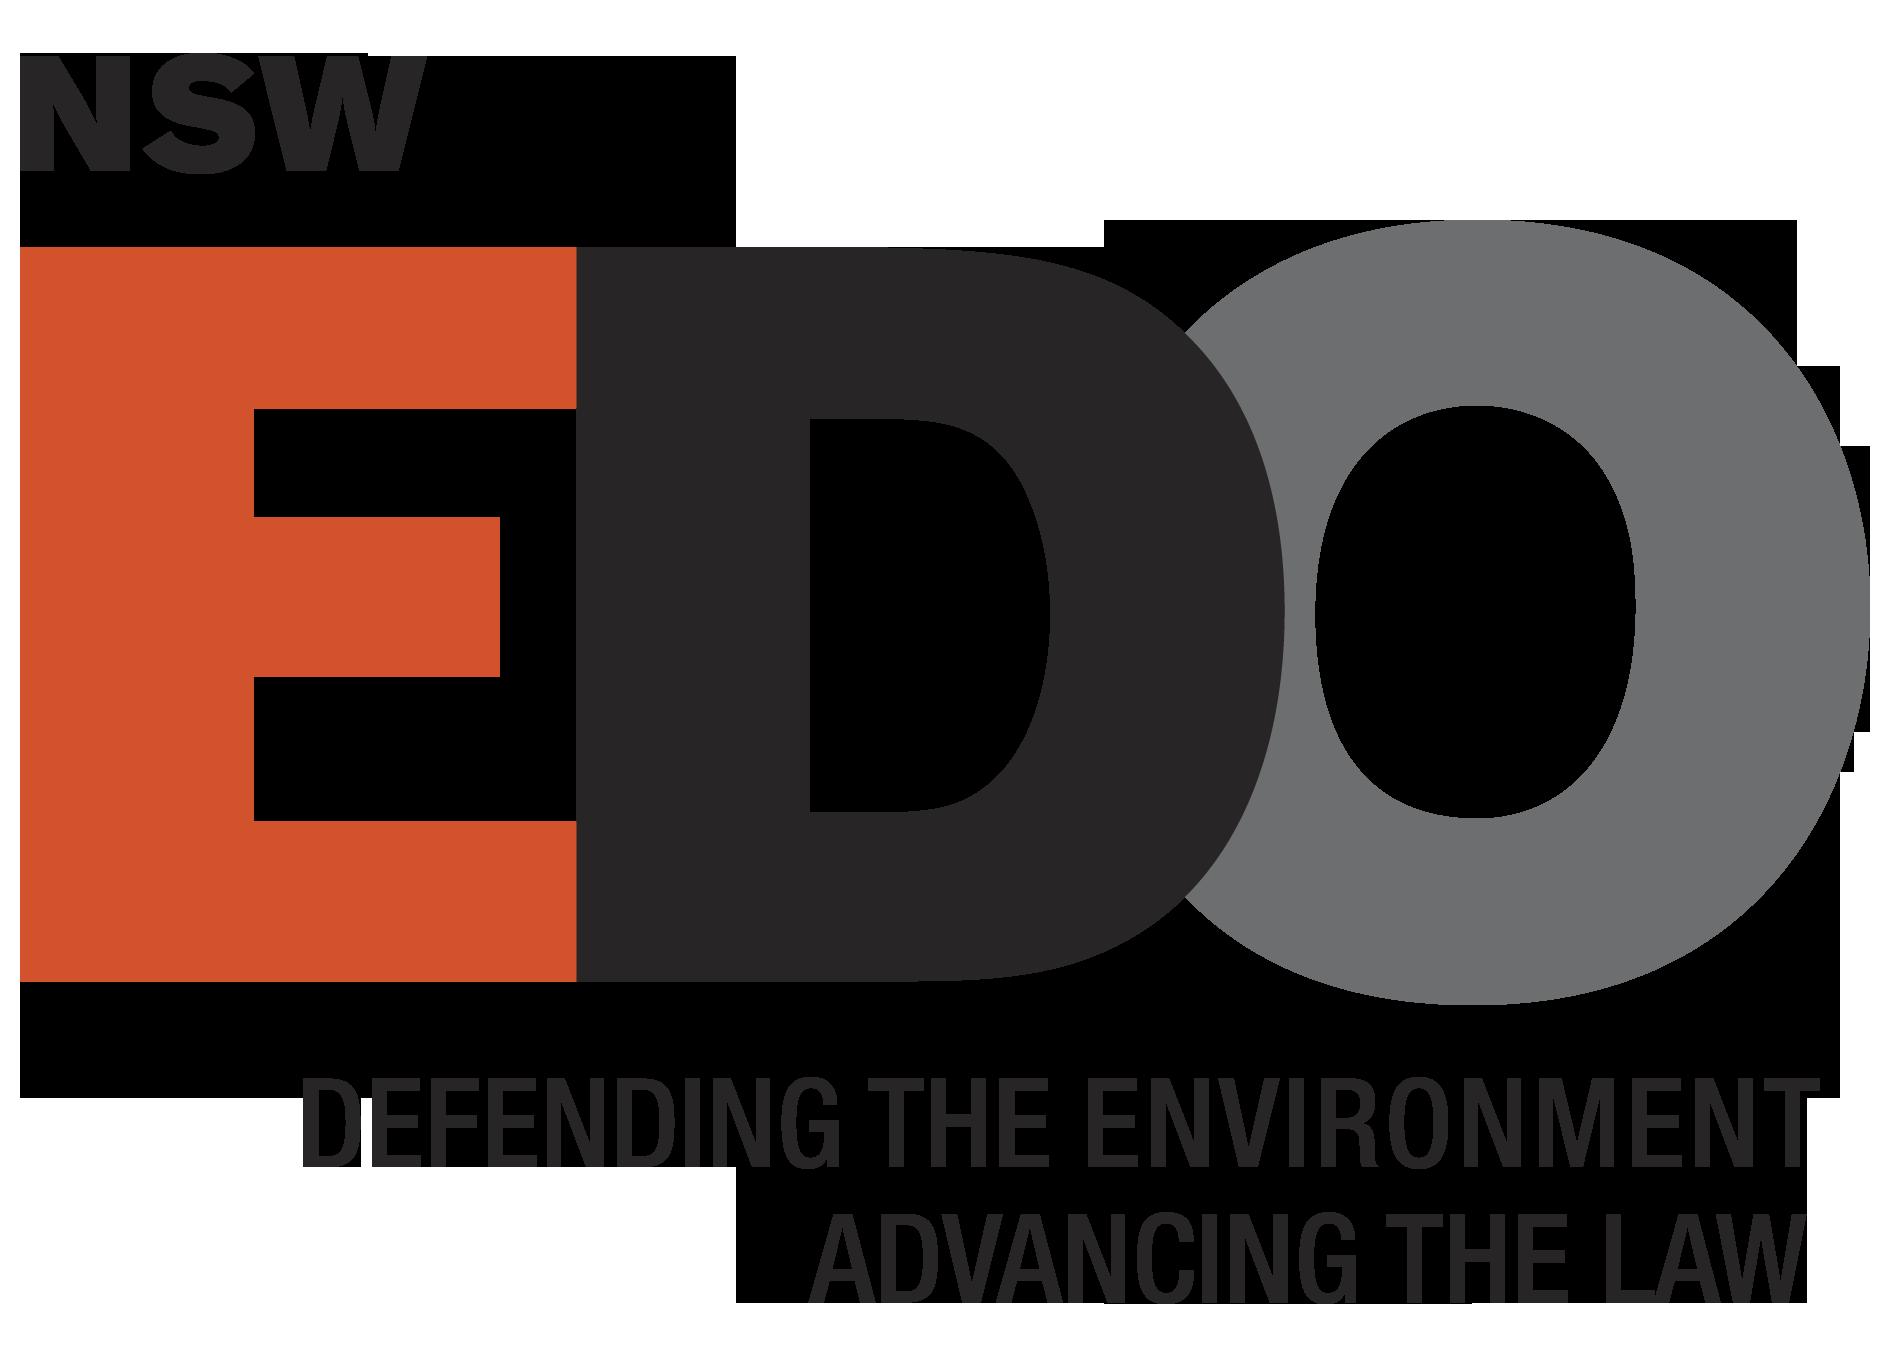 EDO_NSW_logo.png